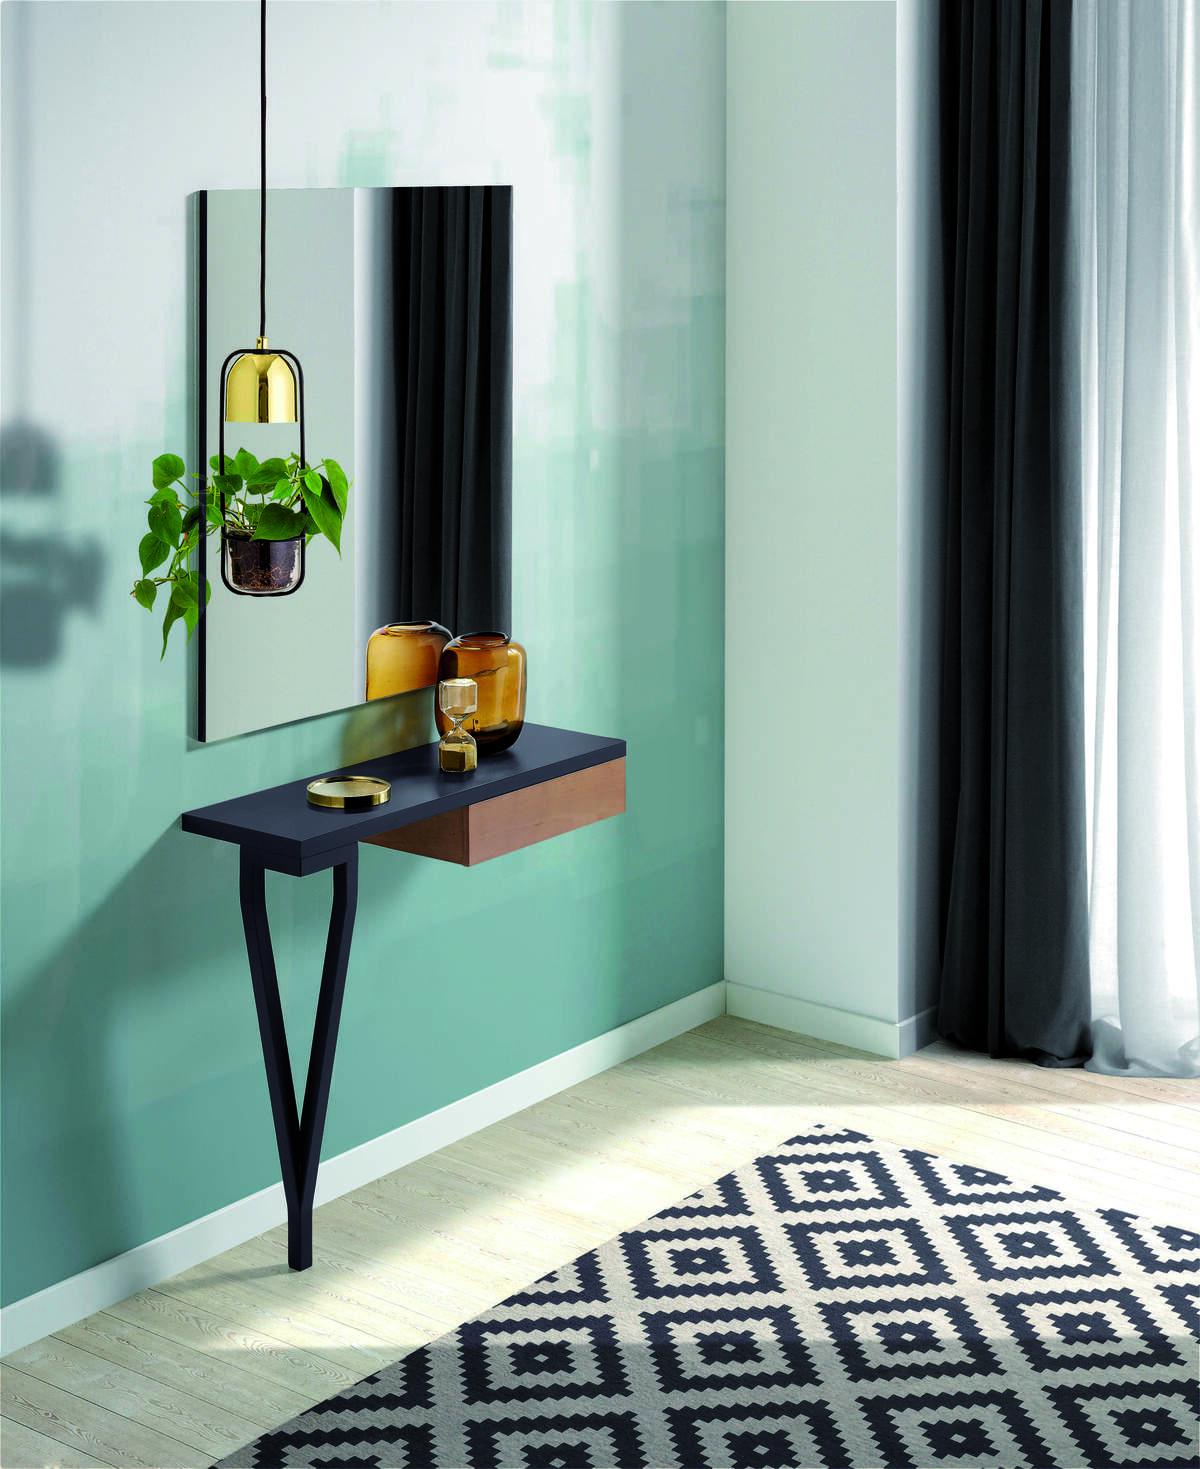 44 – Elegante recibidor con cajón auxiliar perfecto para completar cualquier ambiente. 90 x 79 x 28 cm. espejo 95 x 84 x 2 cm.